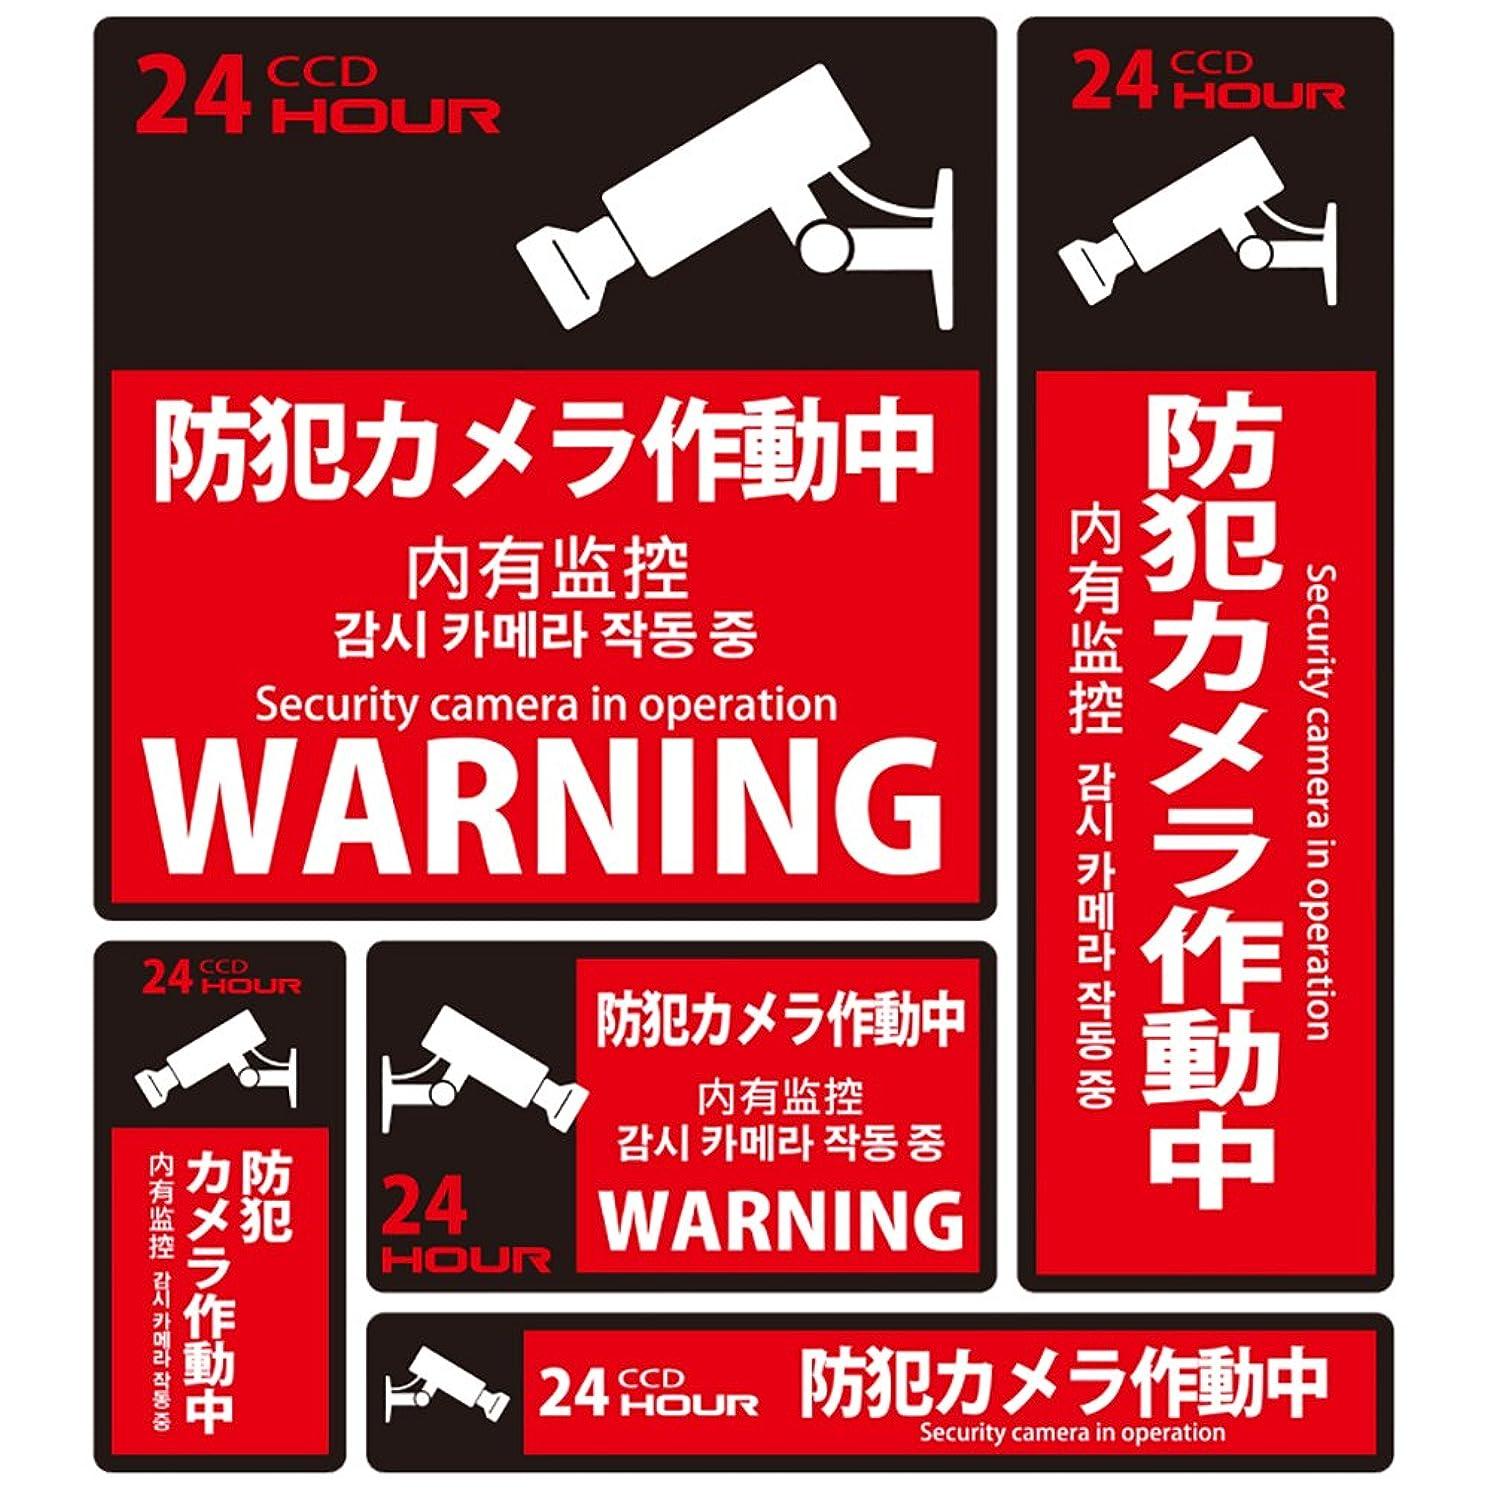 レポートを書く本当のことを言うとポスト印象派24時間防犯カメラ作動中(赤/黒)バージョン レギュラーサイズ 5枚シートセット SS-003 SS-003